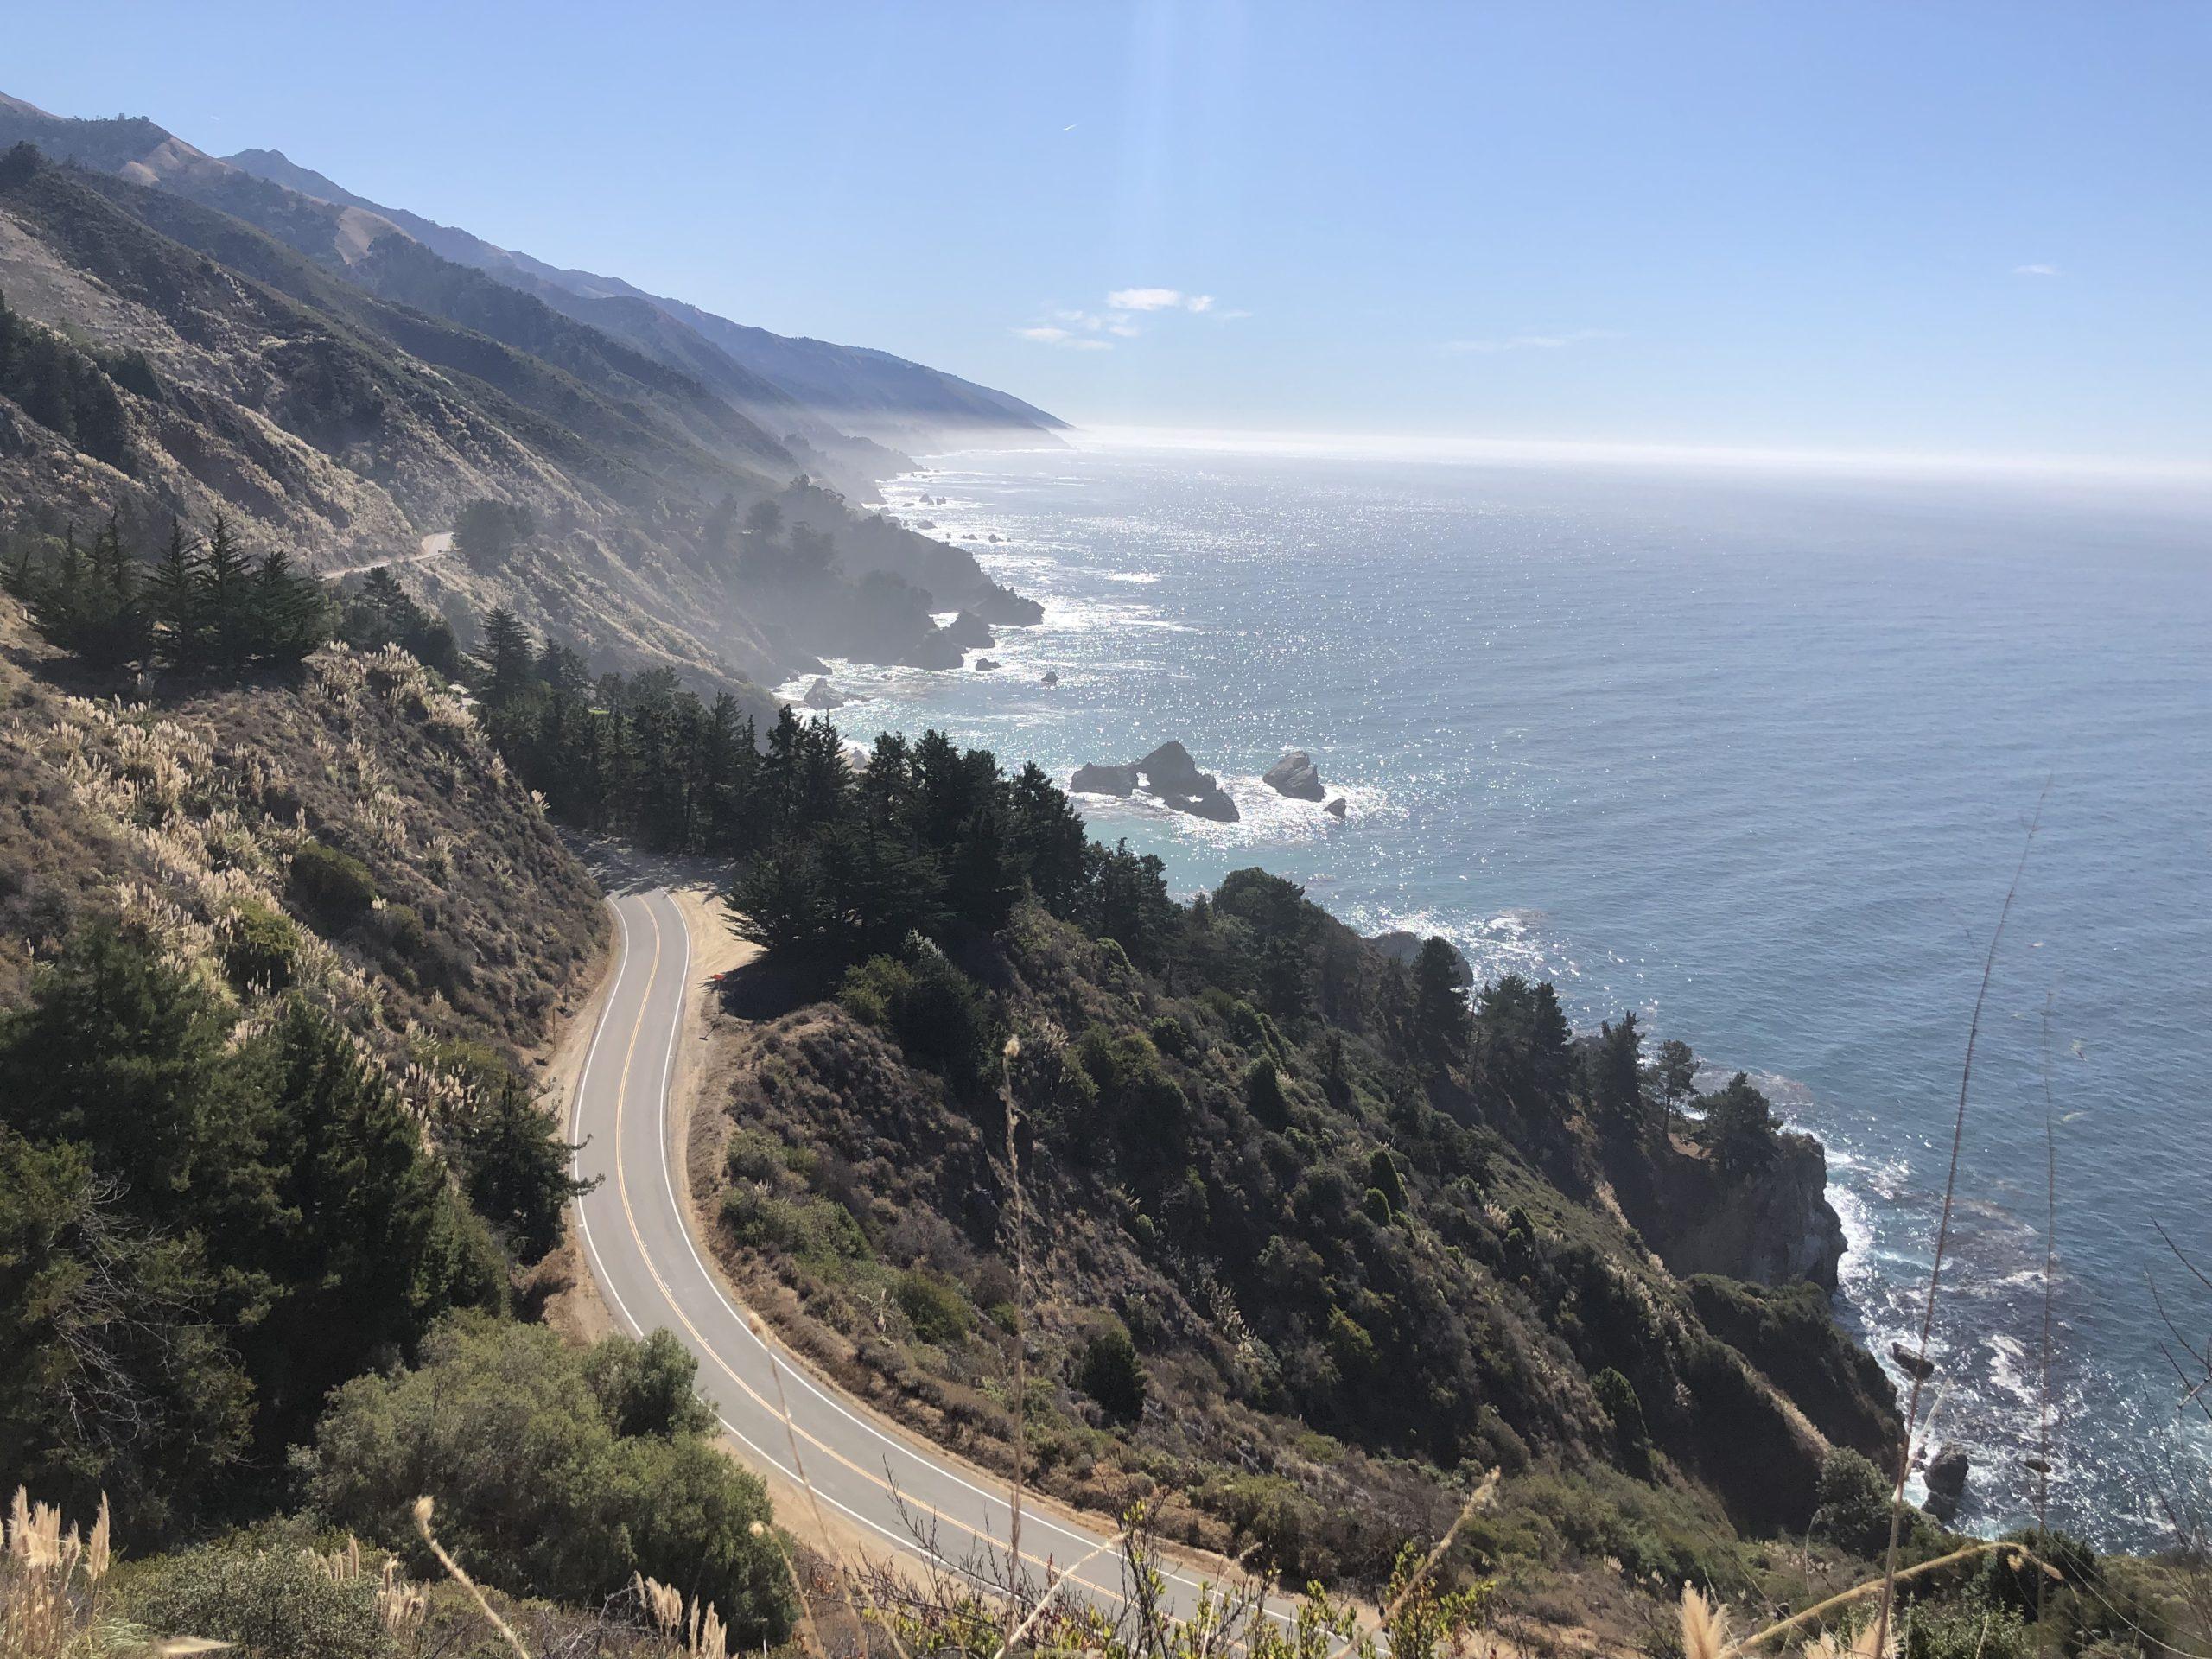 Big Sur views of ocean